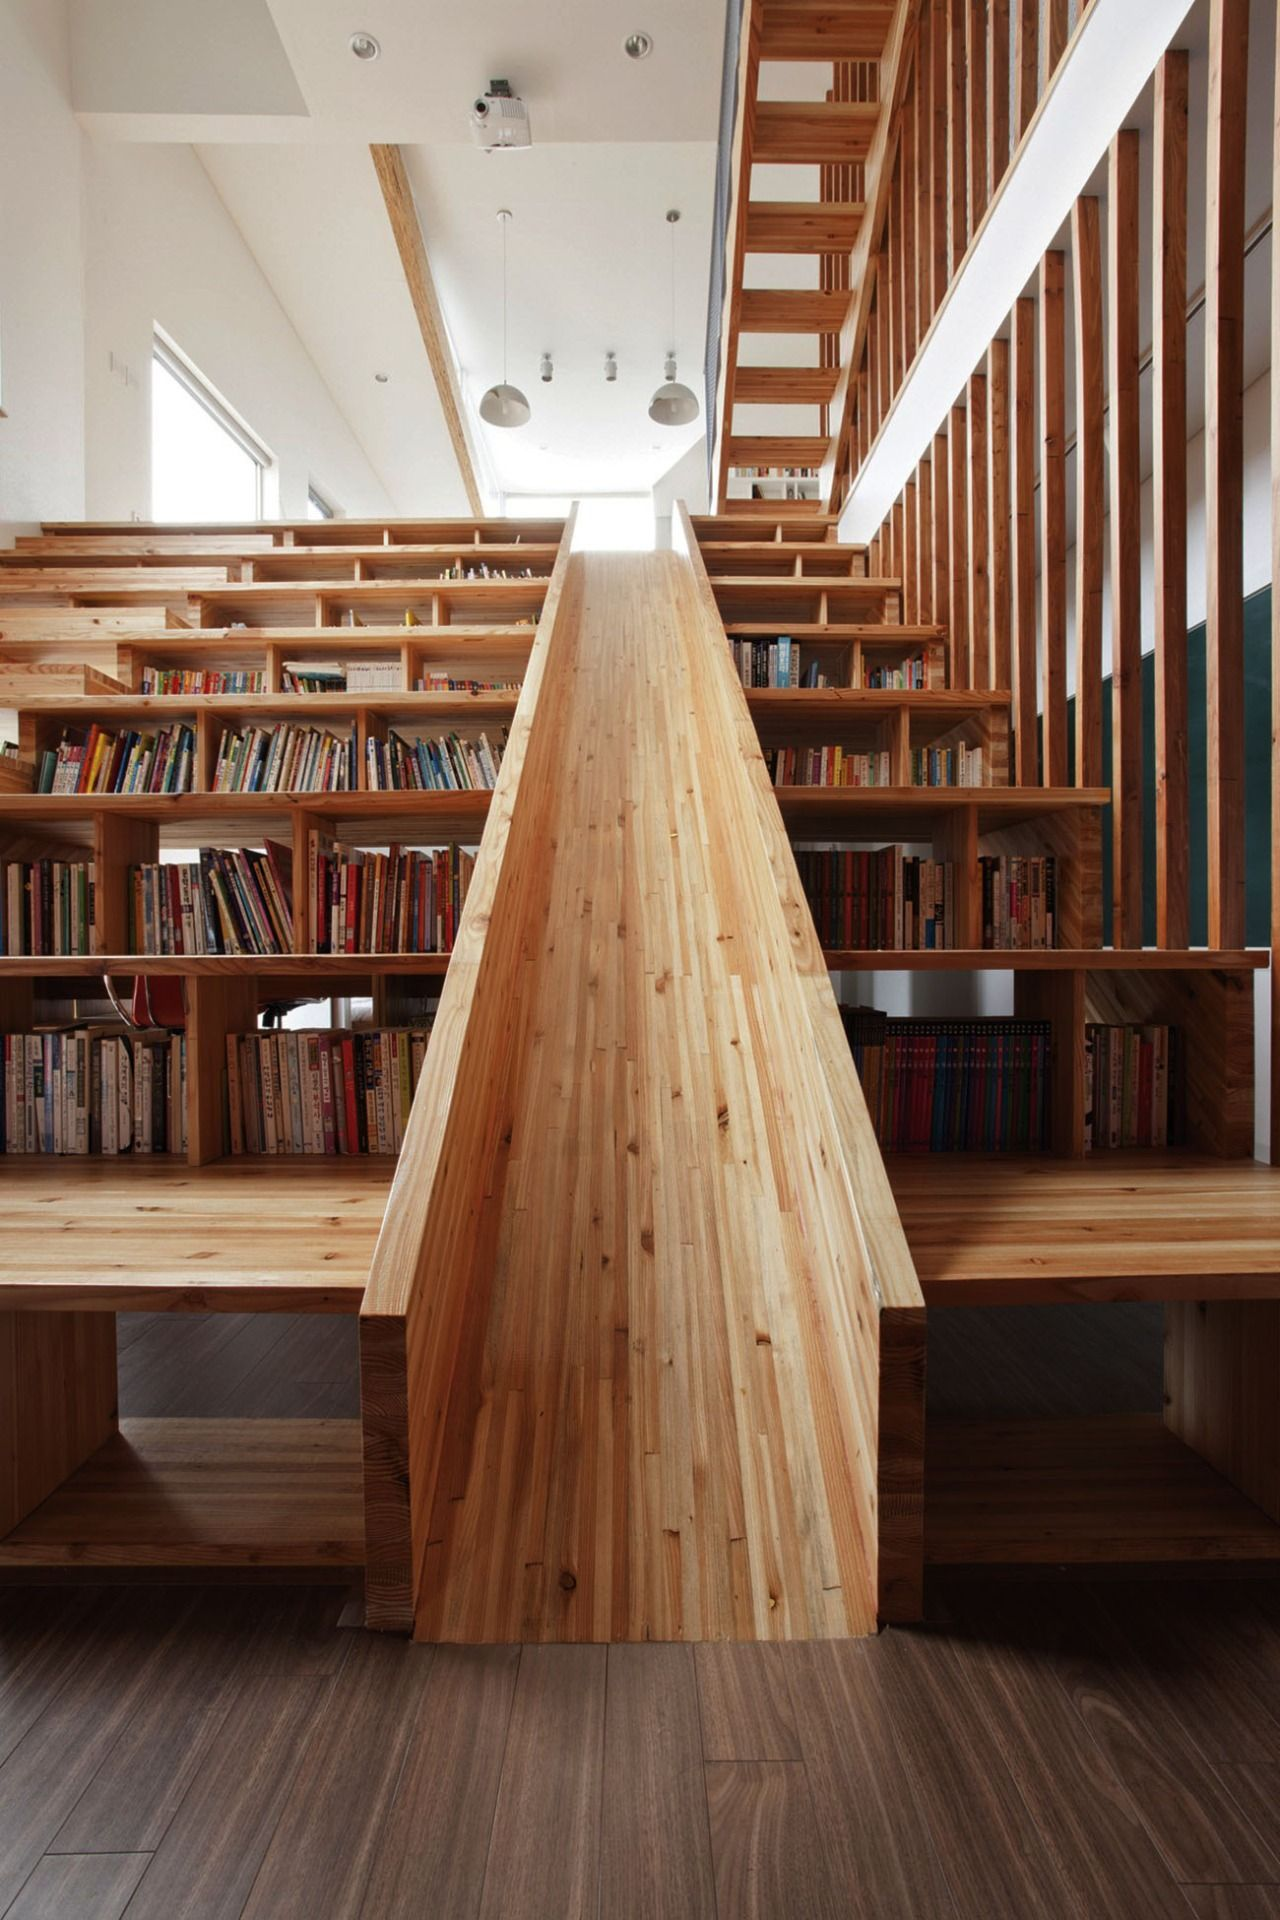 Escaleras Rampa Biblioteca Muebles Pinterest Escalera  # Muebles Debajo De Gradas